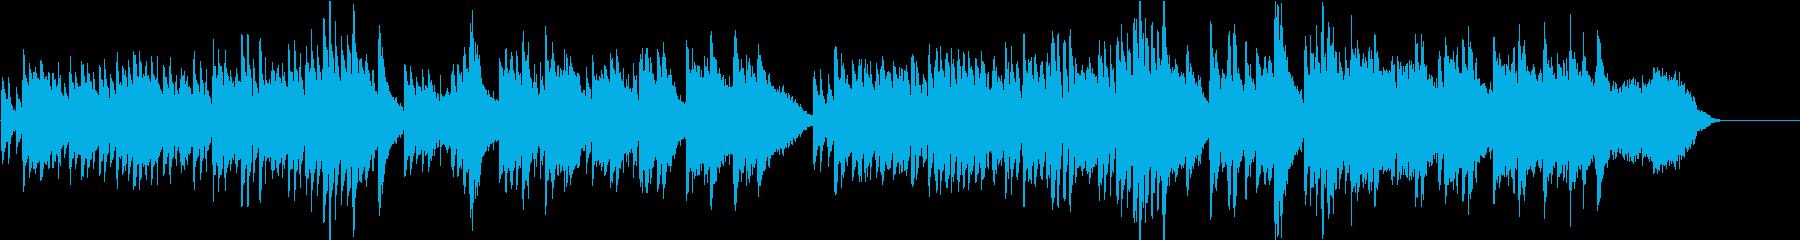 ゆったりと切ないピアノバラードの再生済みの波形